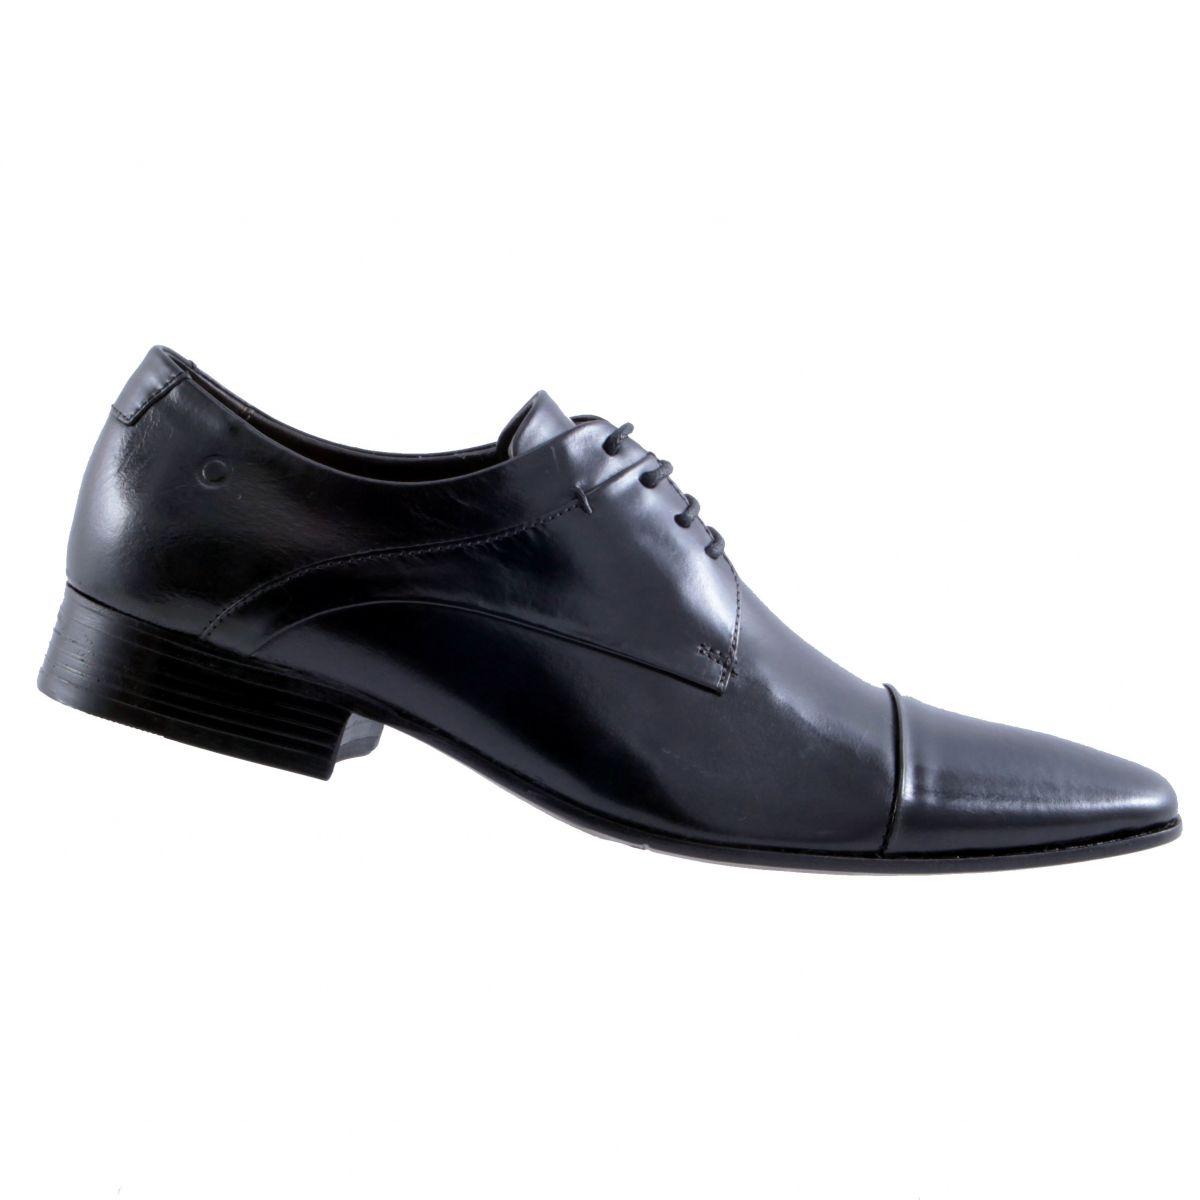 Sapato Social Democrata Citizen Couro Legítimo 451056  - Ian Calçados